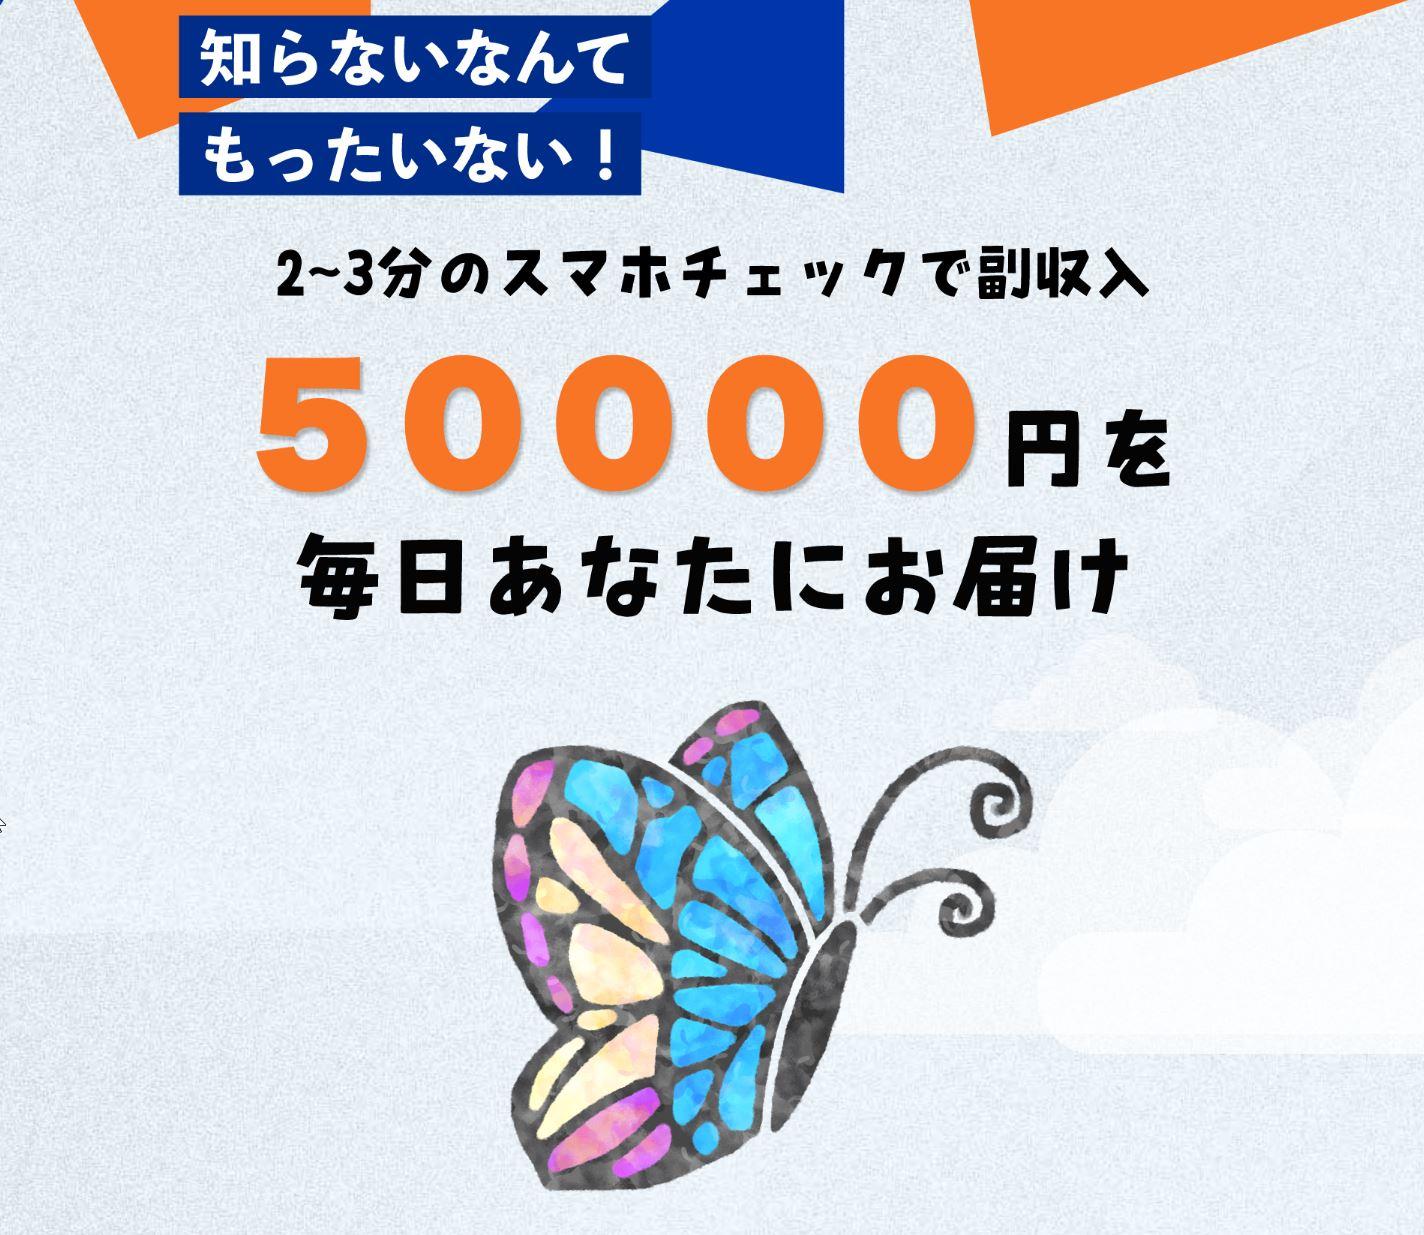 安藤マリ Butter-Fly 2~3分のスマホチェックで5万円稼げ?副業調査